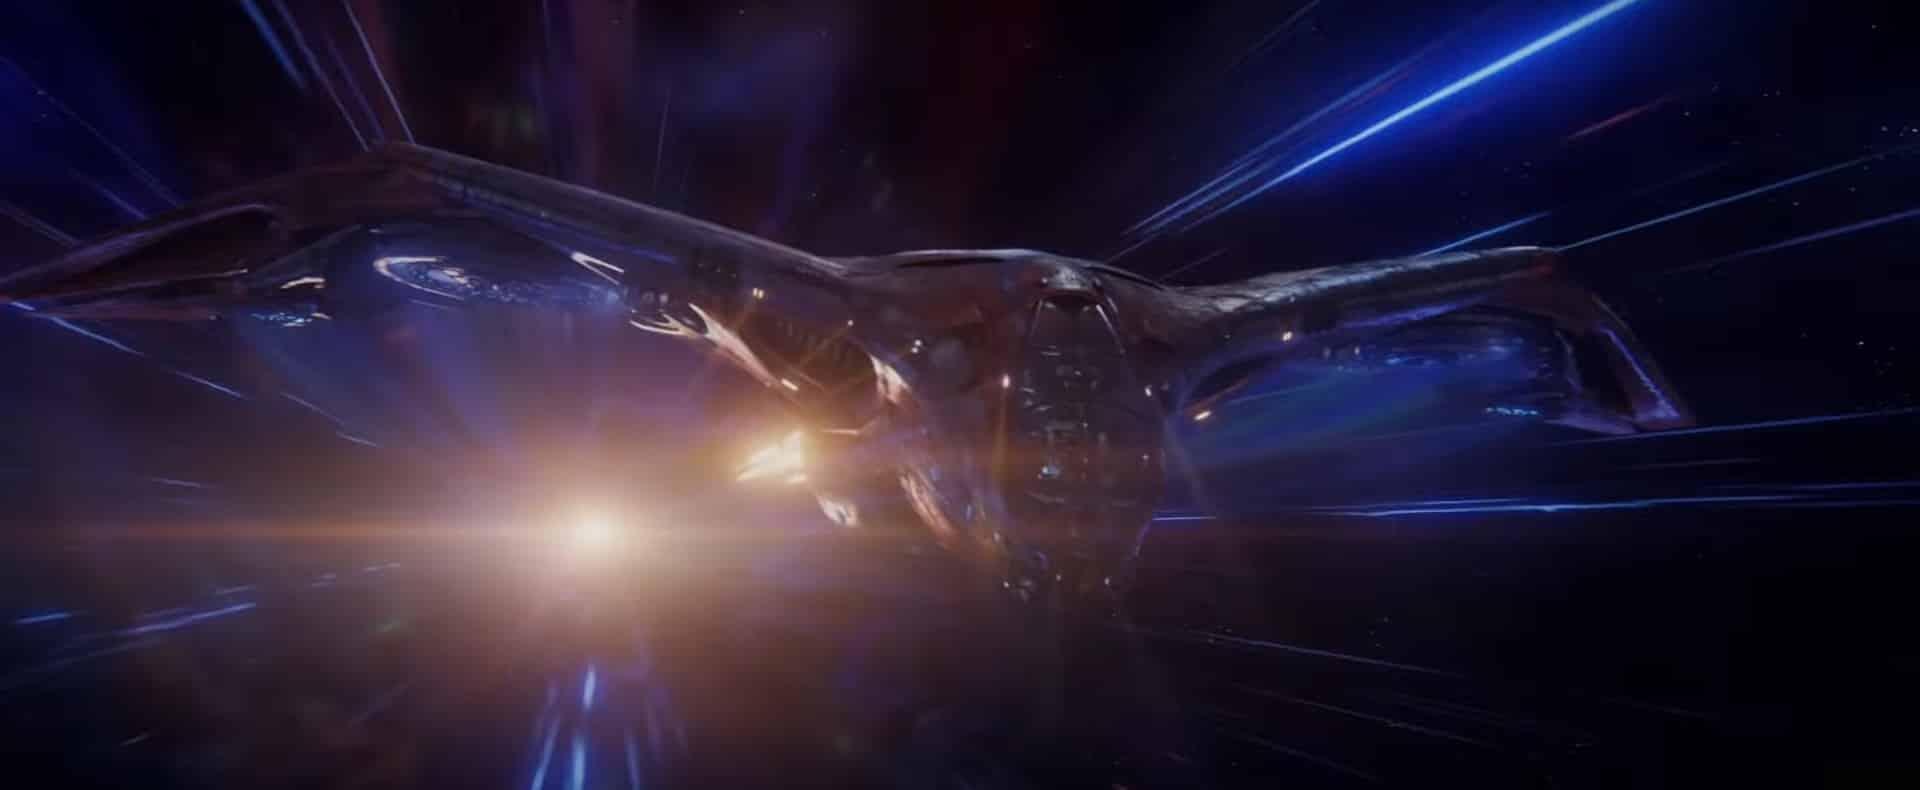 Marvel: Vengadores: Endgame. La milano en el espacio dando un salto en el espacio